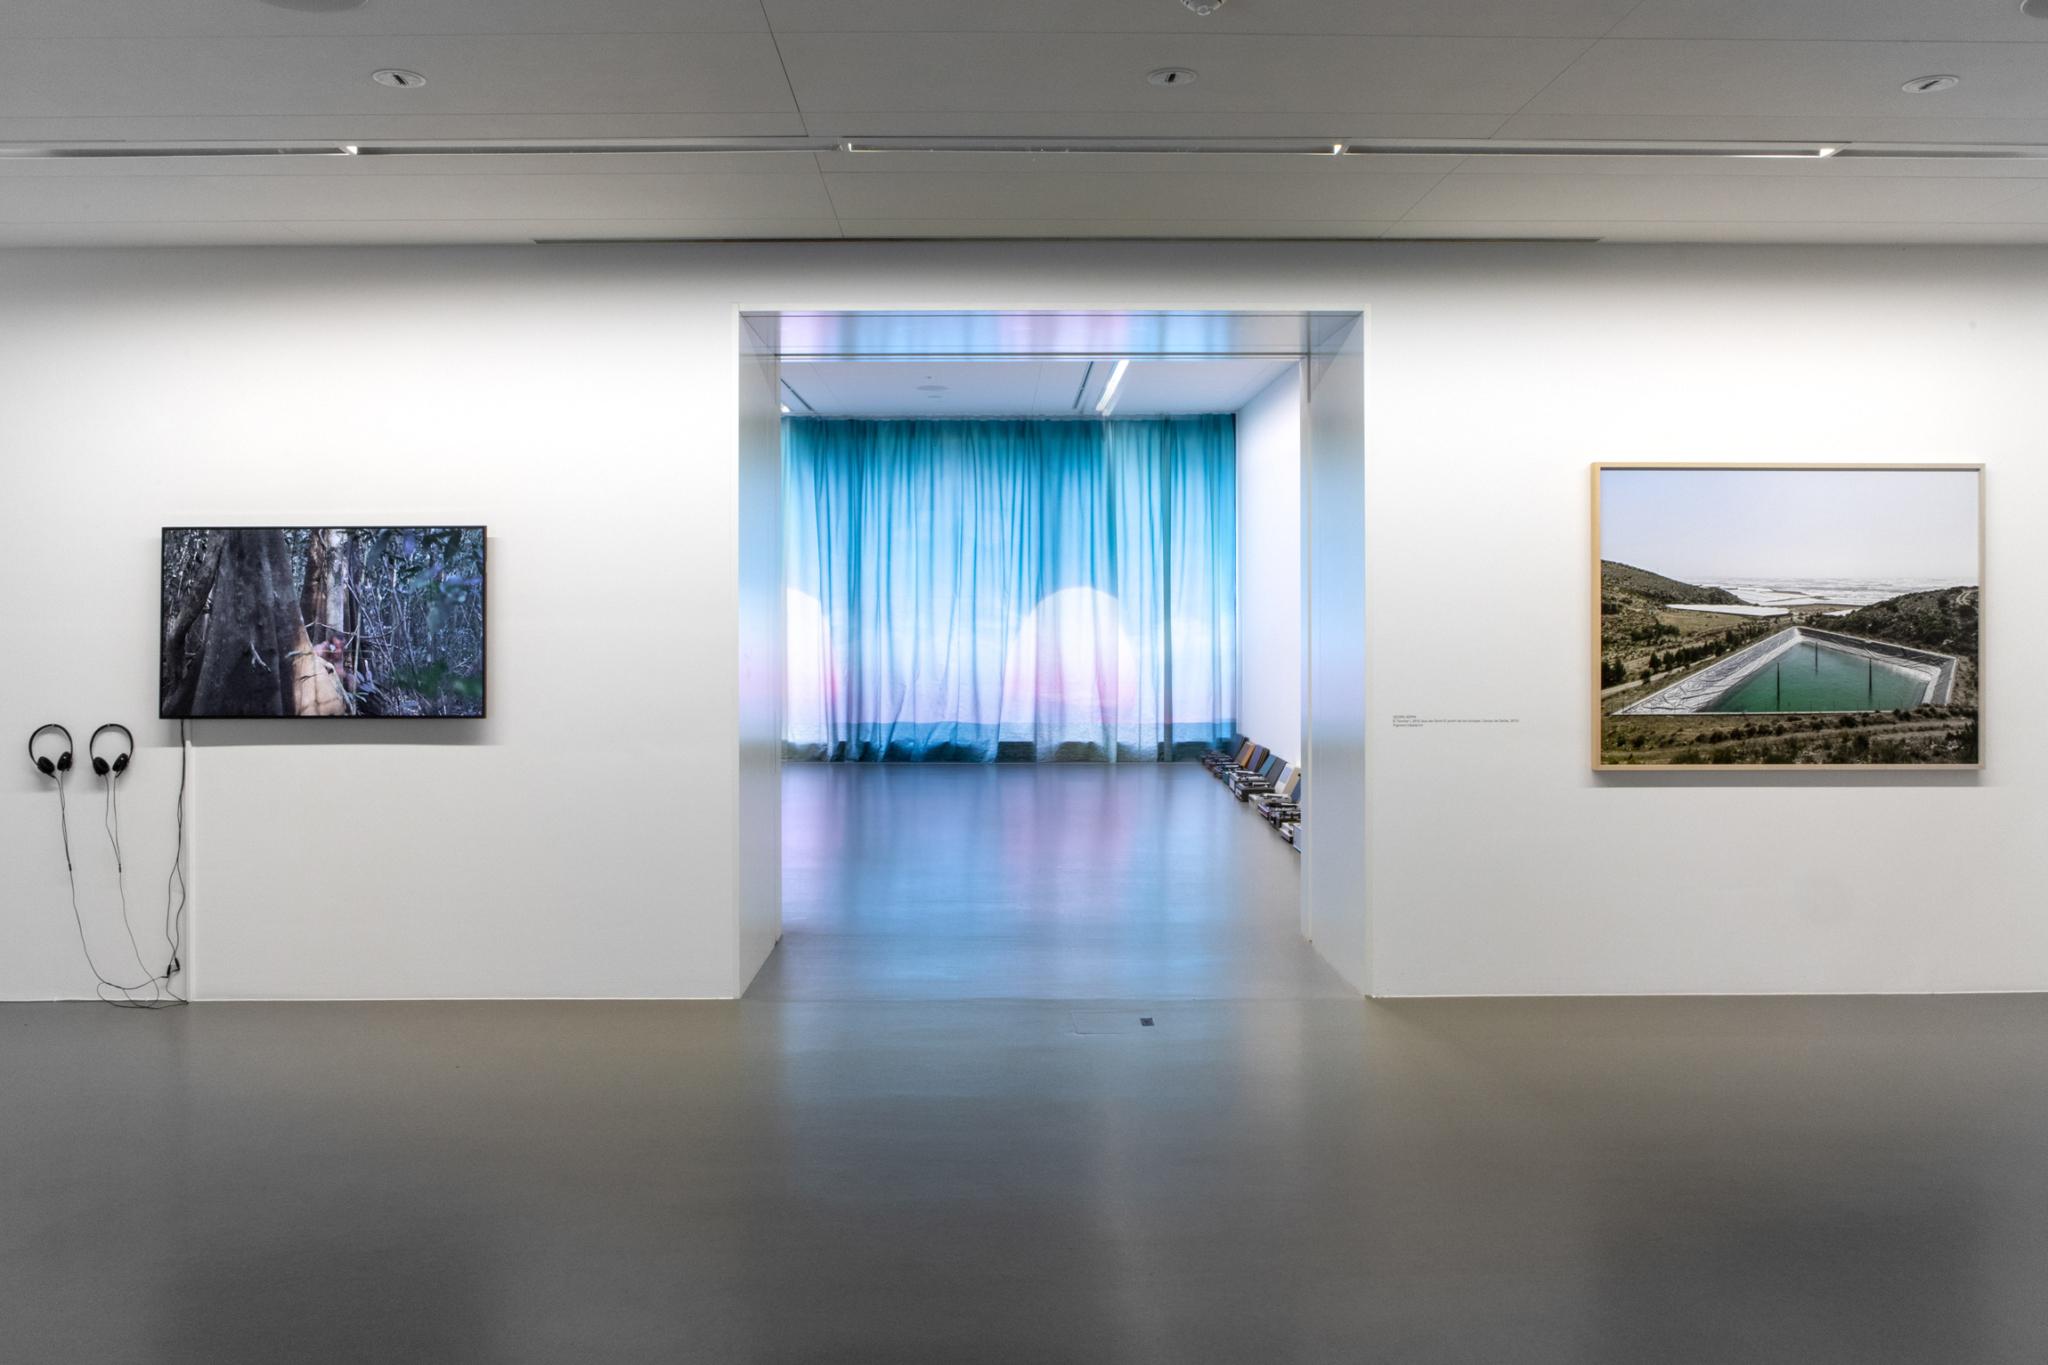 Ausstellungsansicht_Wiedemann_Mettler-2019